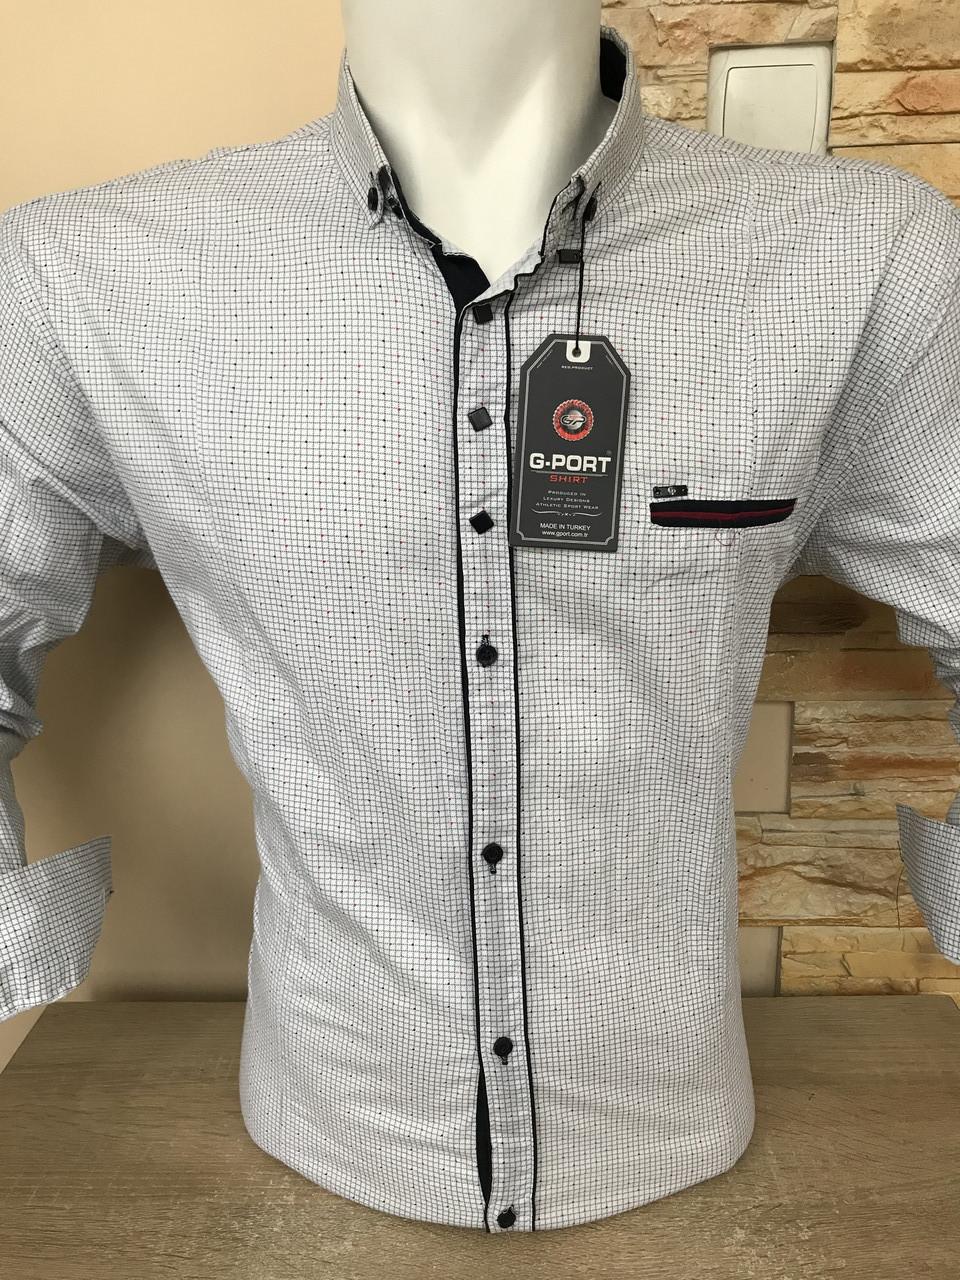 Батальная рубашка стрейч-коттон G-port -320